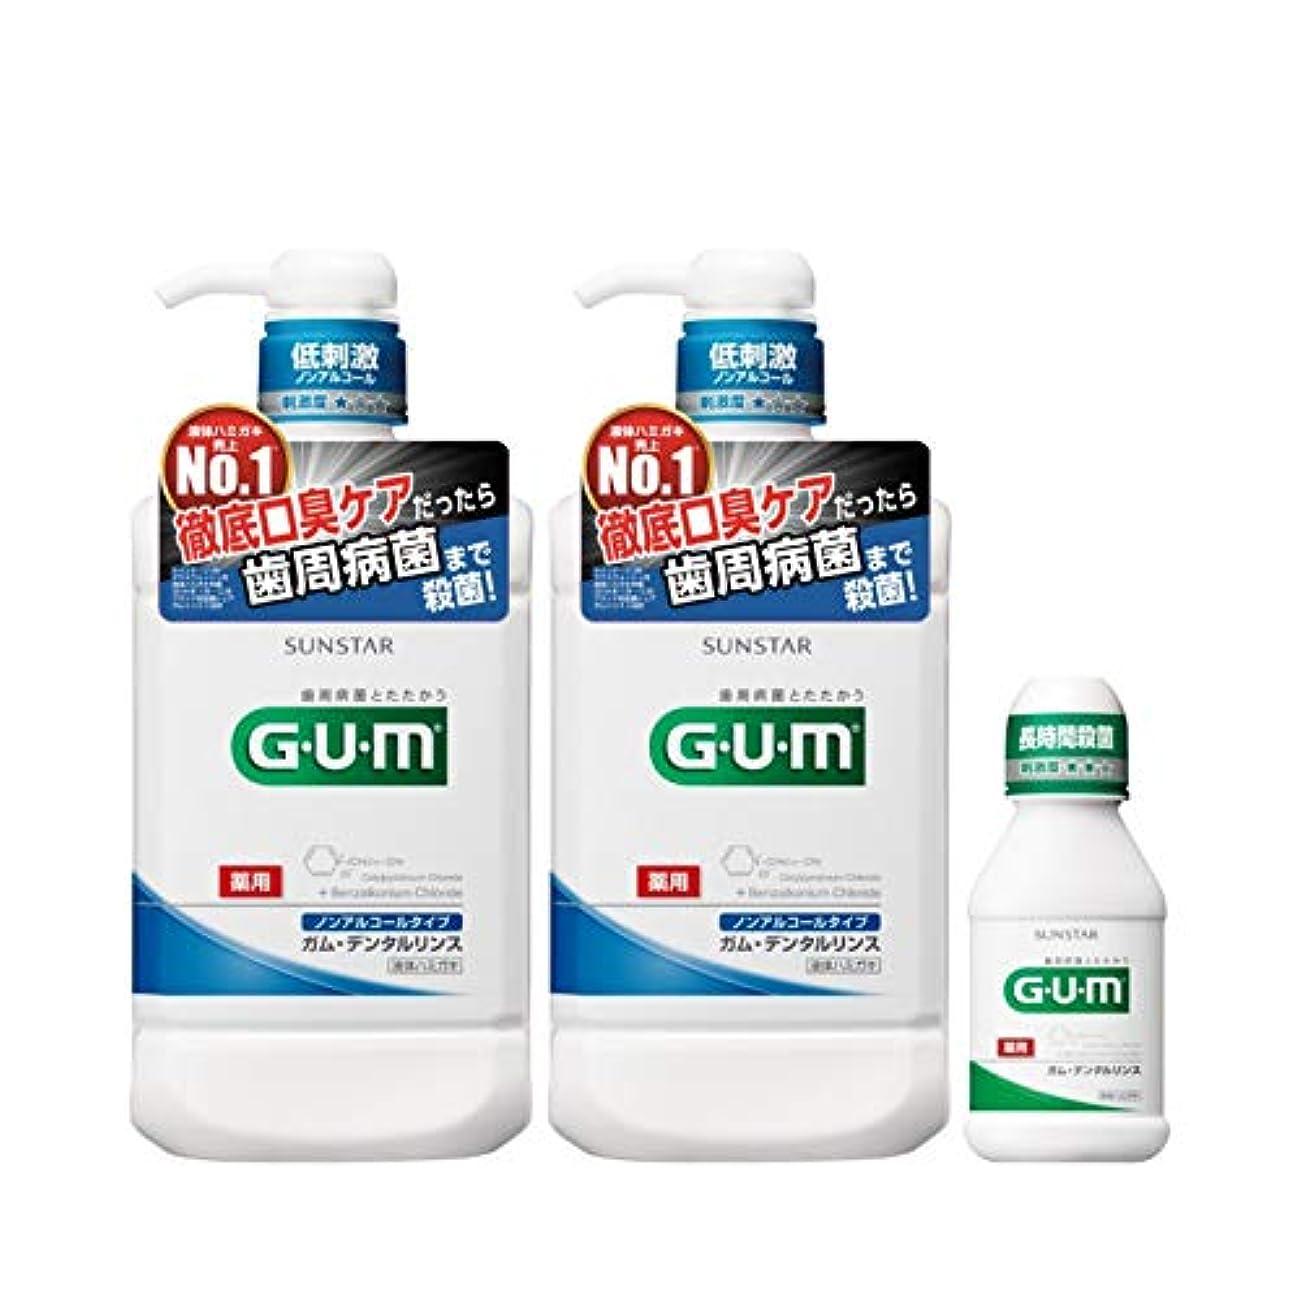 悲しいことにますます容器(医薬部外品) GUM(ガム) デンタルリンス ノンアルコールタイプ 薬用液体ハミガキ 960mL 2個パック+おまけ付き【Amazon.co.jp限定】